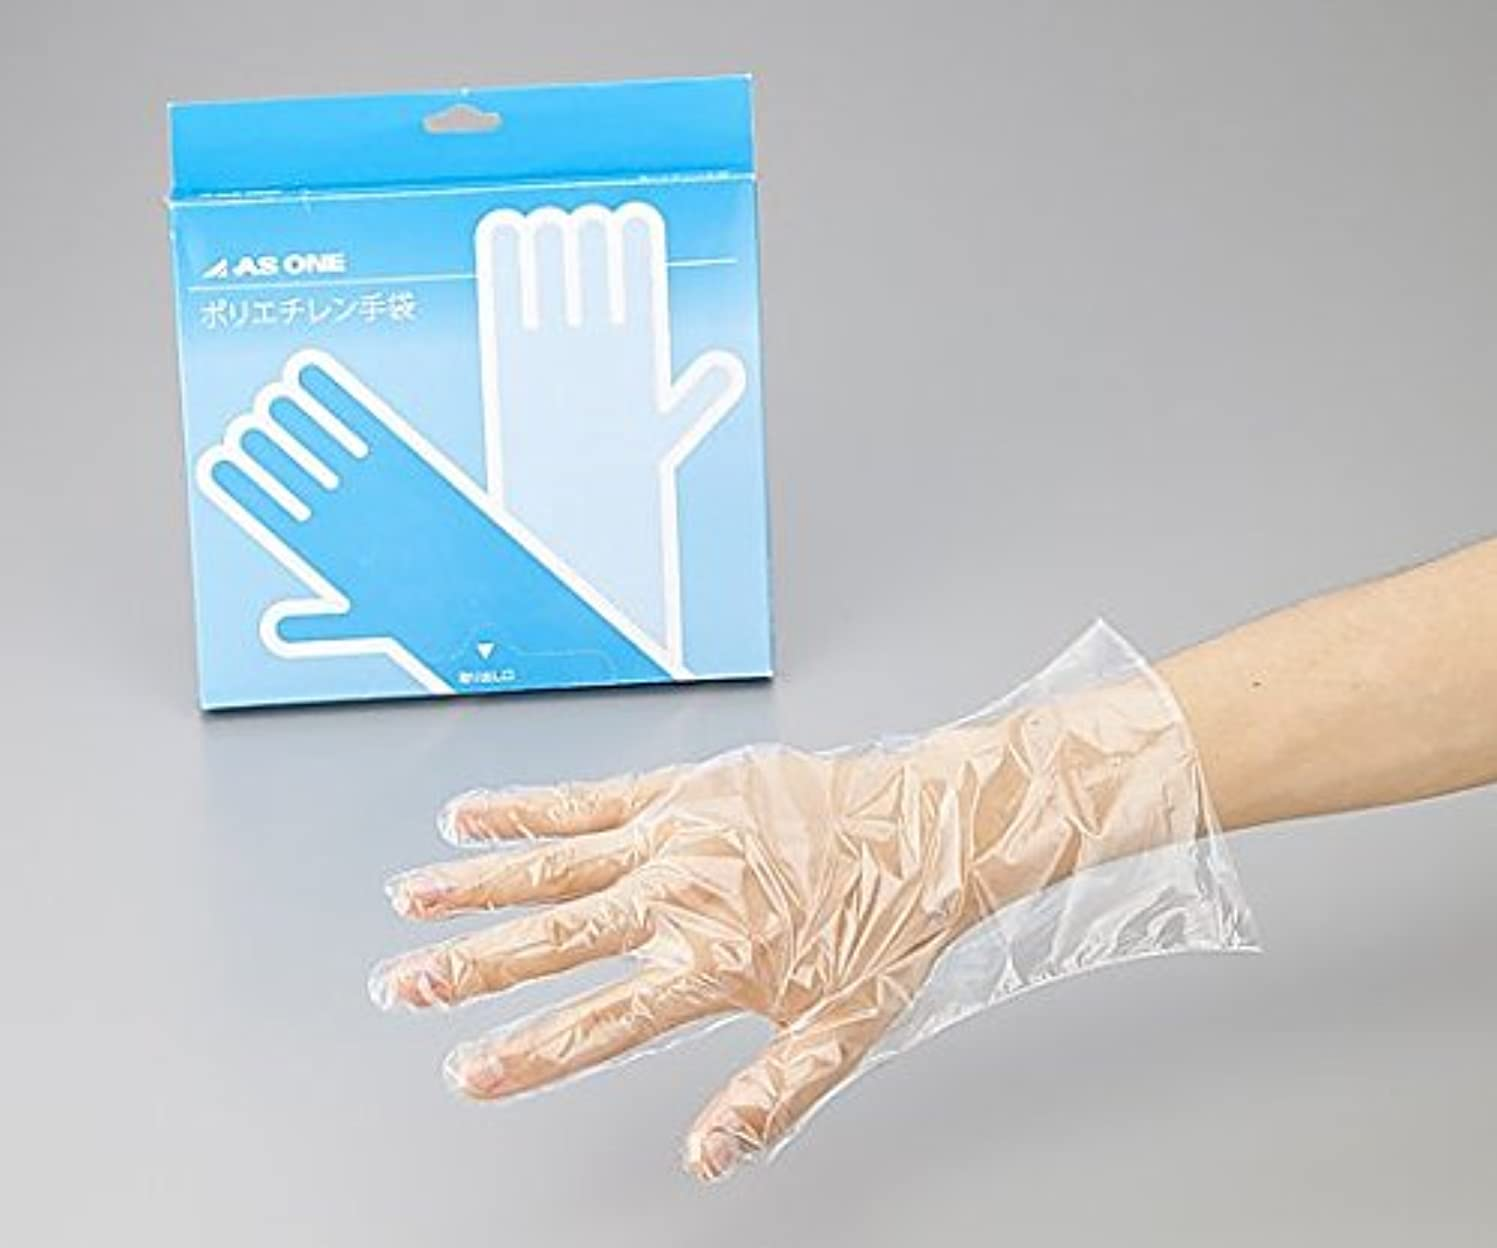 結び目哲学者ディスコアズワン2-4973-03ポリエチレン手袋スタンダード標準厚S100枚入